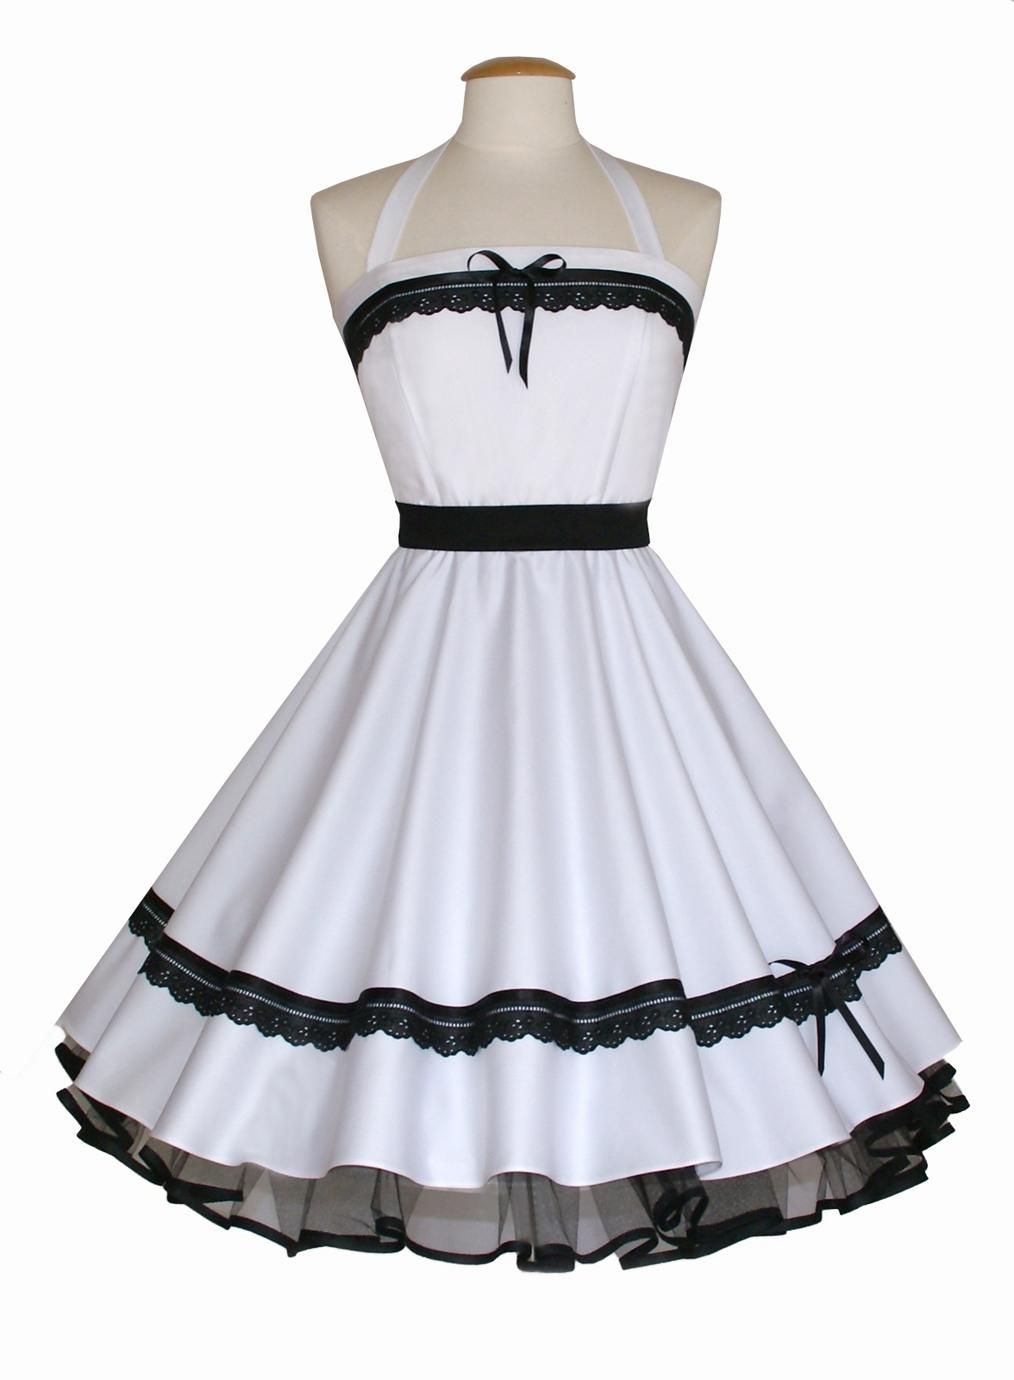 20 Leicht Kleider Weiß Schwarz Stylish15 Genial Kleider Weiß Schwarz Boutique